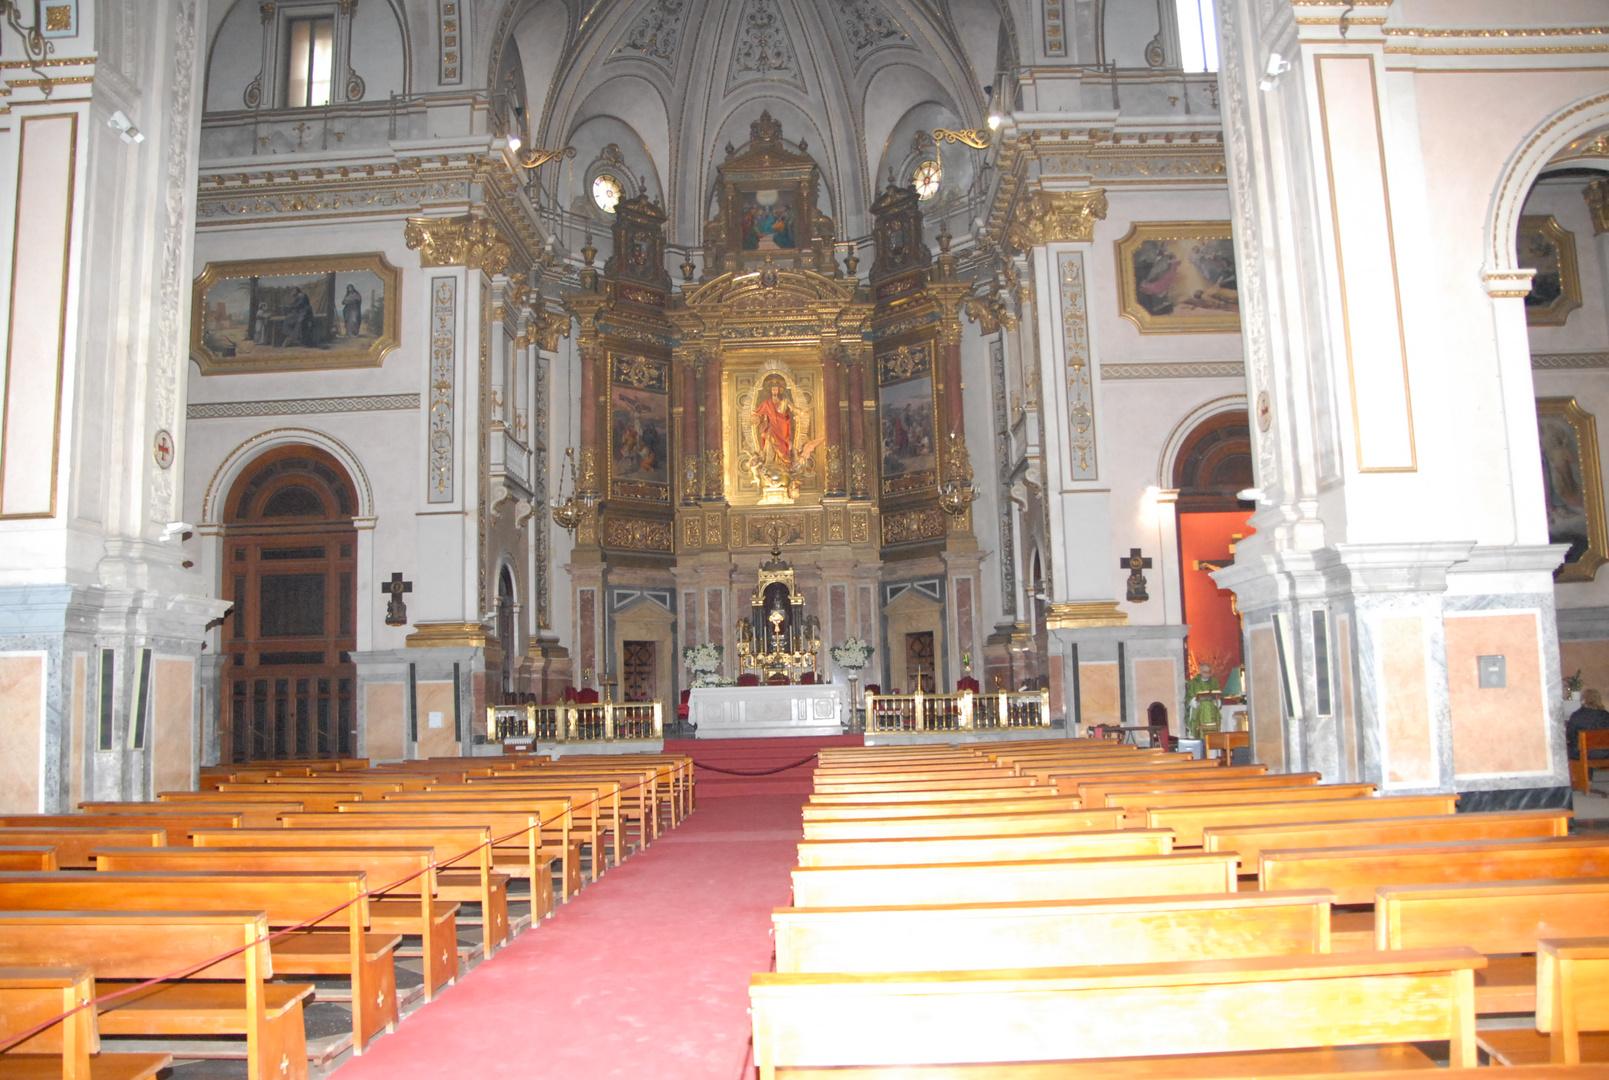 Interior de la iglesia Sagrado Corazon de jesus ::Para Mª Jose Puig